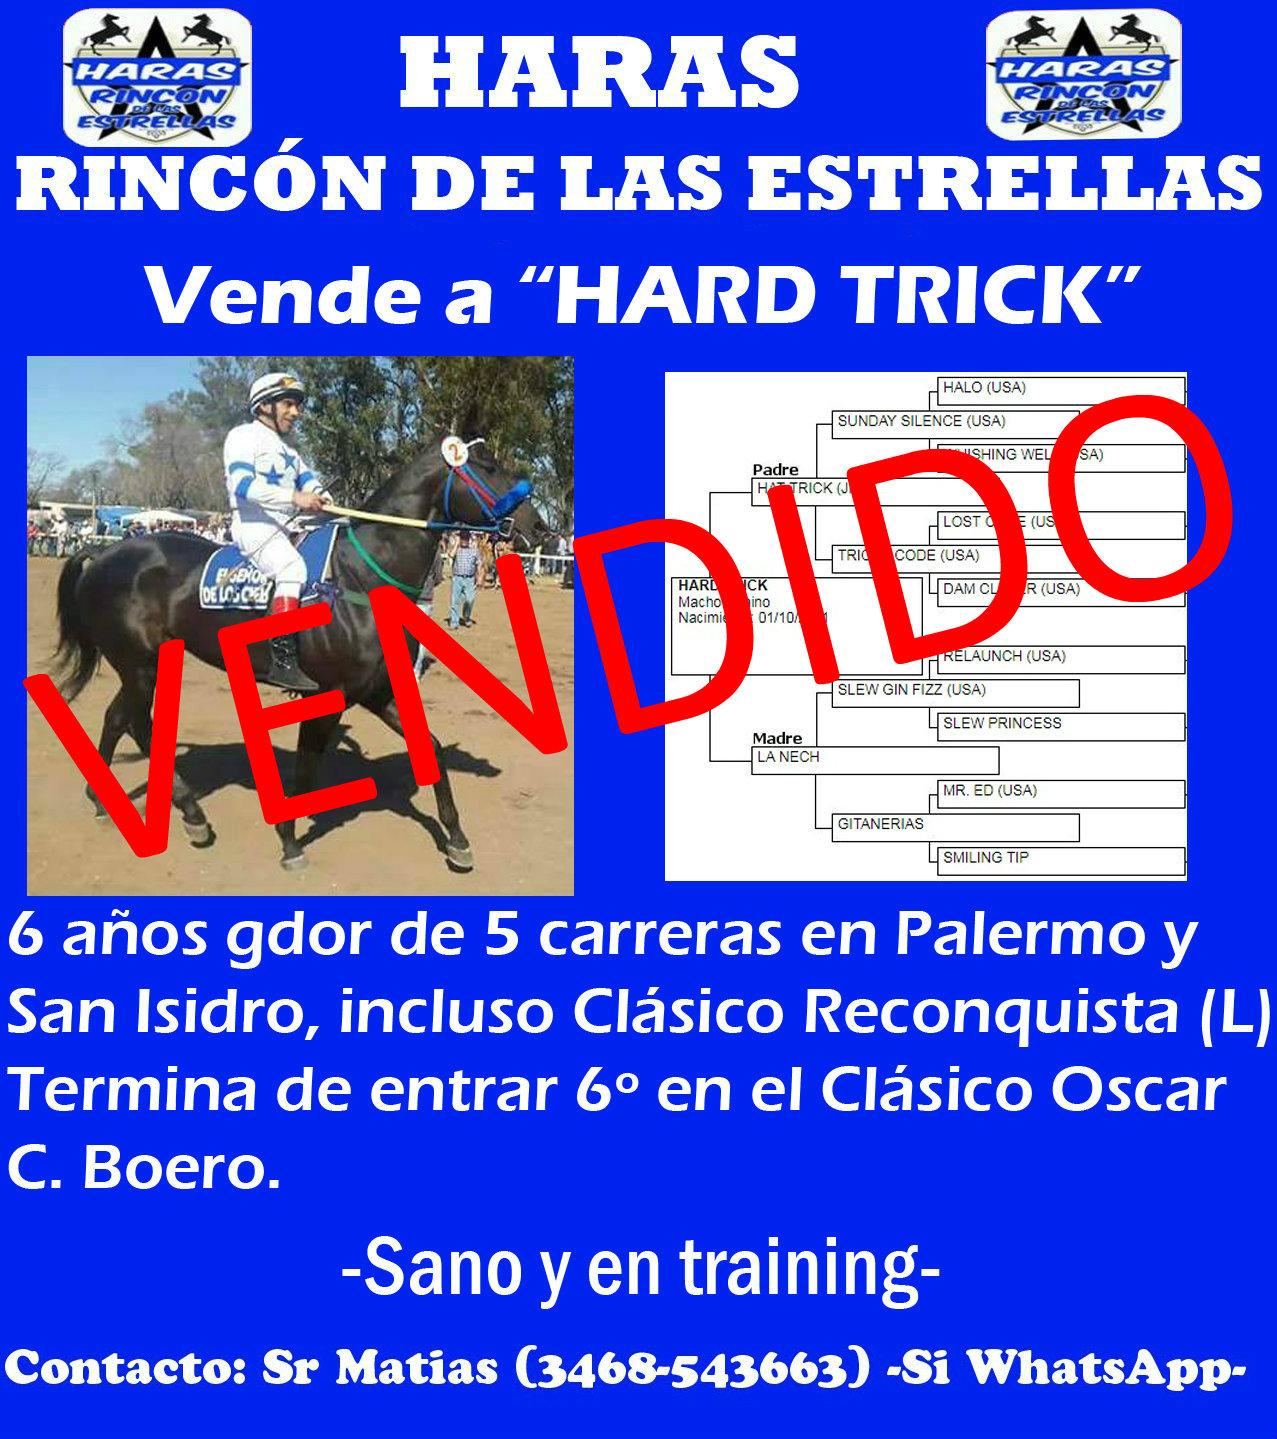 HS RINC ESTRELLAS VTA HARD TRICK